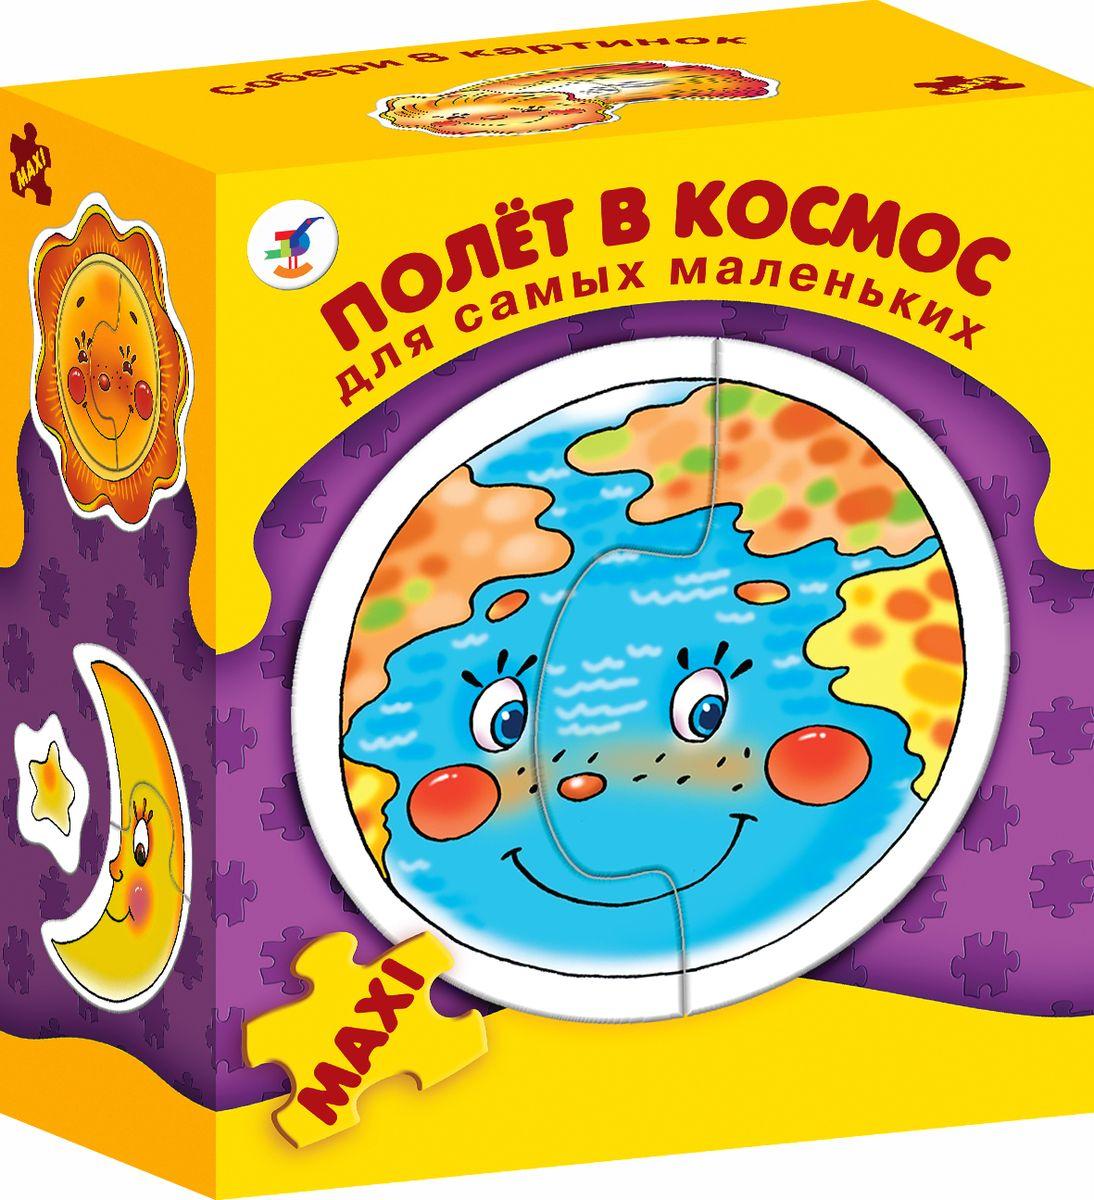 Дрофа-Медиа Обучающая игра Полет в космос2670Обучающая игра Дрофа-Медиа Полет в космос прекрасно подходит для первого знакомства малыша с мозаикой. В комплект игры входит 8 рамок с изображением звезд и планет, разделенных на части. Покажите малышу, как сложить фигурки из нескольких частей. Пусть он попробует сделать это самостоятельно. Объясните, как можно собрать фигурку внутри рамки. Когда ребенок научится собирать одну фигурку, предложите ему собрать сразу несколько. В результате ваш малыш научится собирать фигурки, самостоятельно подбирая нужные детали. Игра формирует навыки соединения деталей, развивает мелкую моторику рук и наглядно-образное мышление. Способствует формированию навыка соединения целого изображения из двух-трех элементов. В игре набор из восьми персонажей, состоящих из крупных деталей, которые соединяются с помощью пазлового замка.